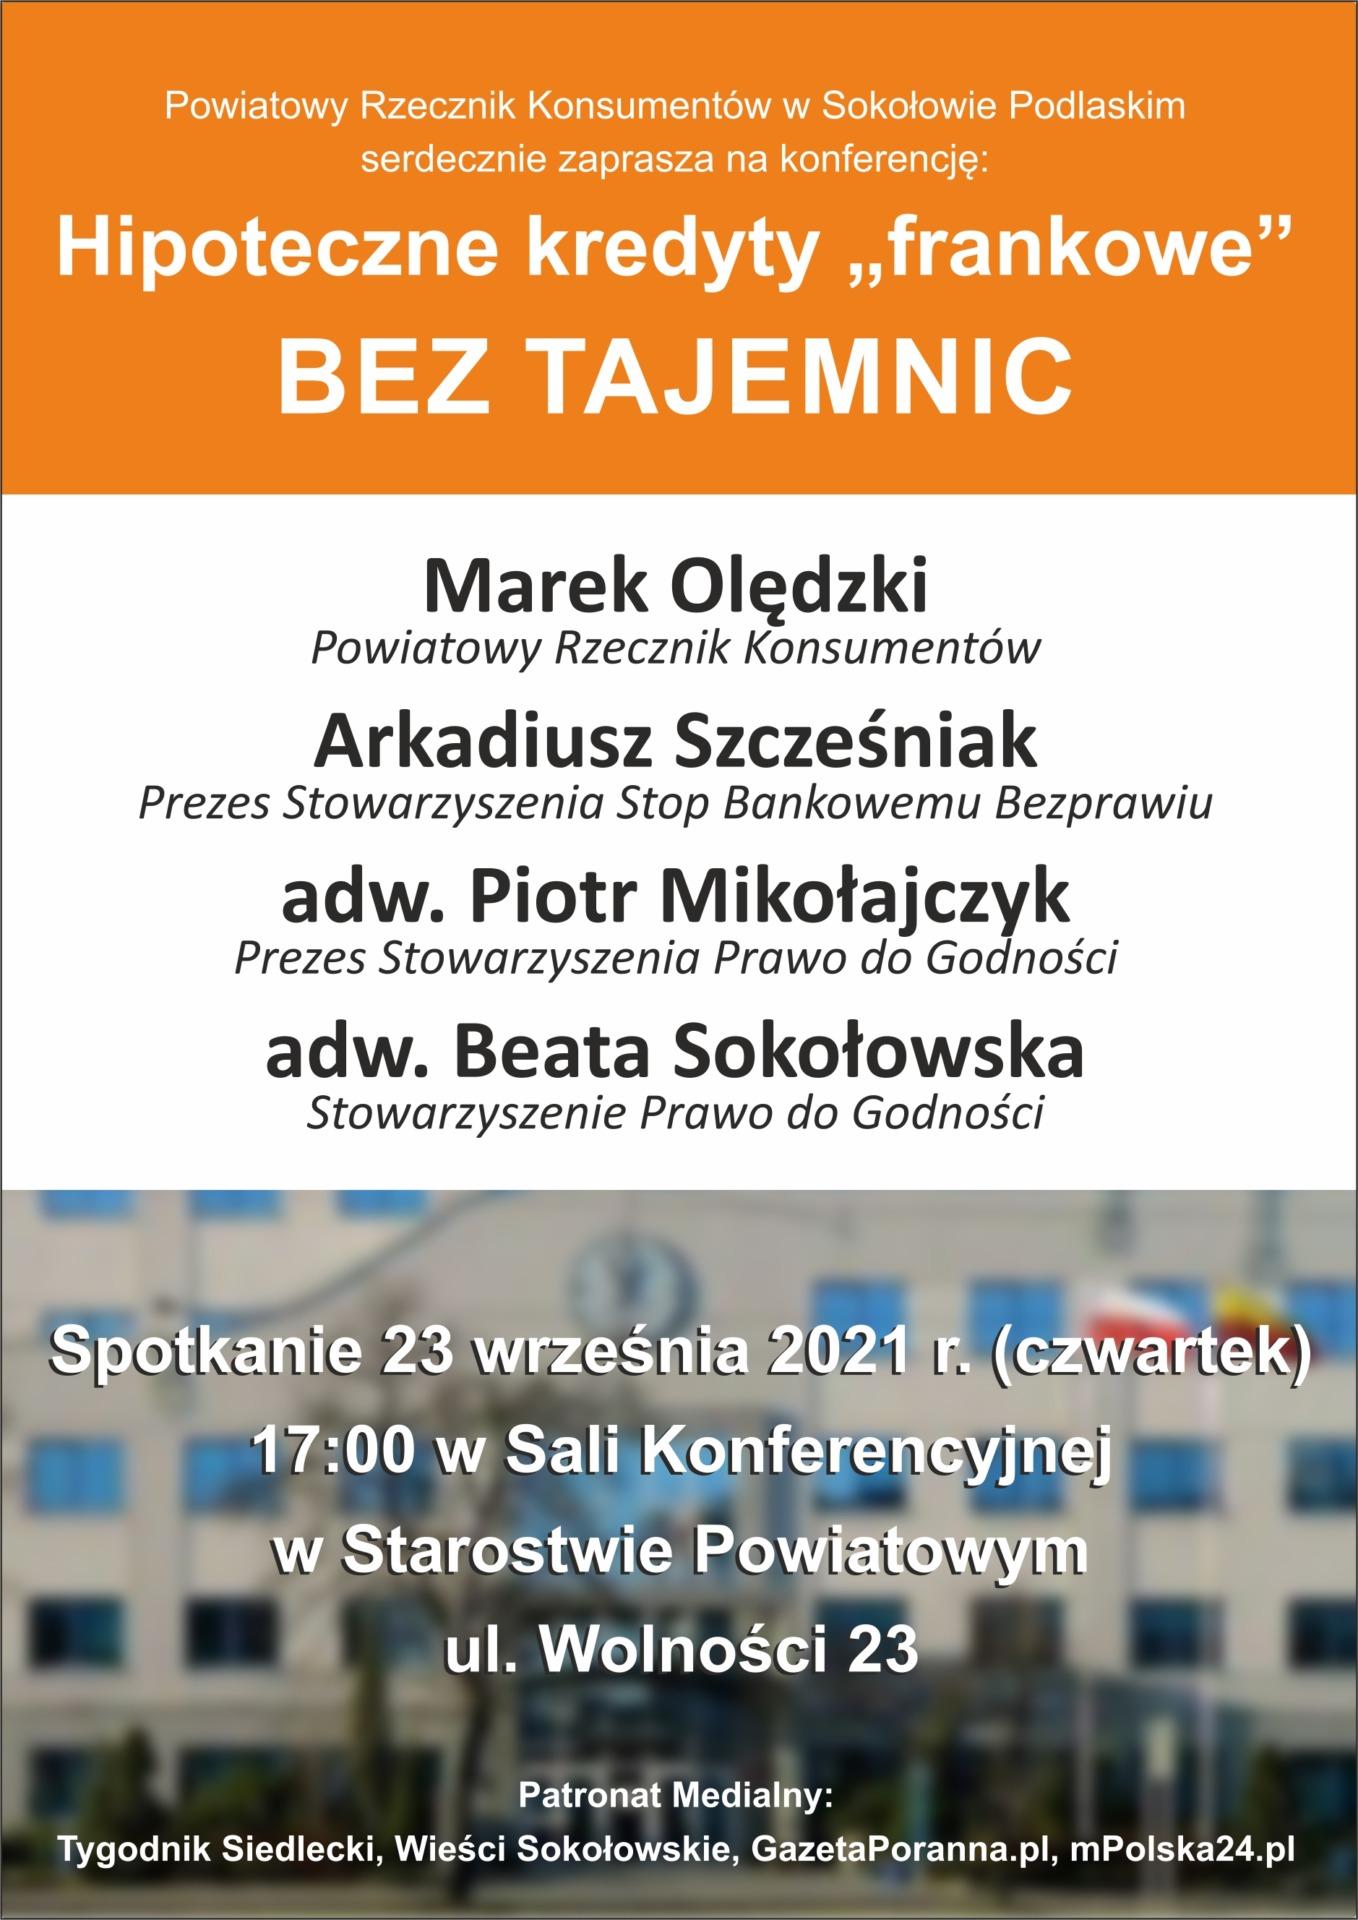 plakat z zaproszeniem na konferencję